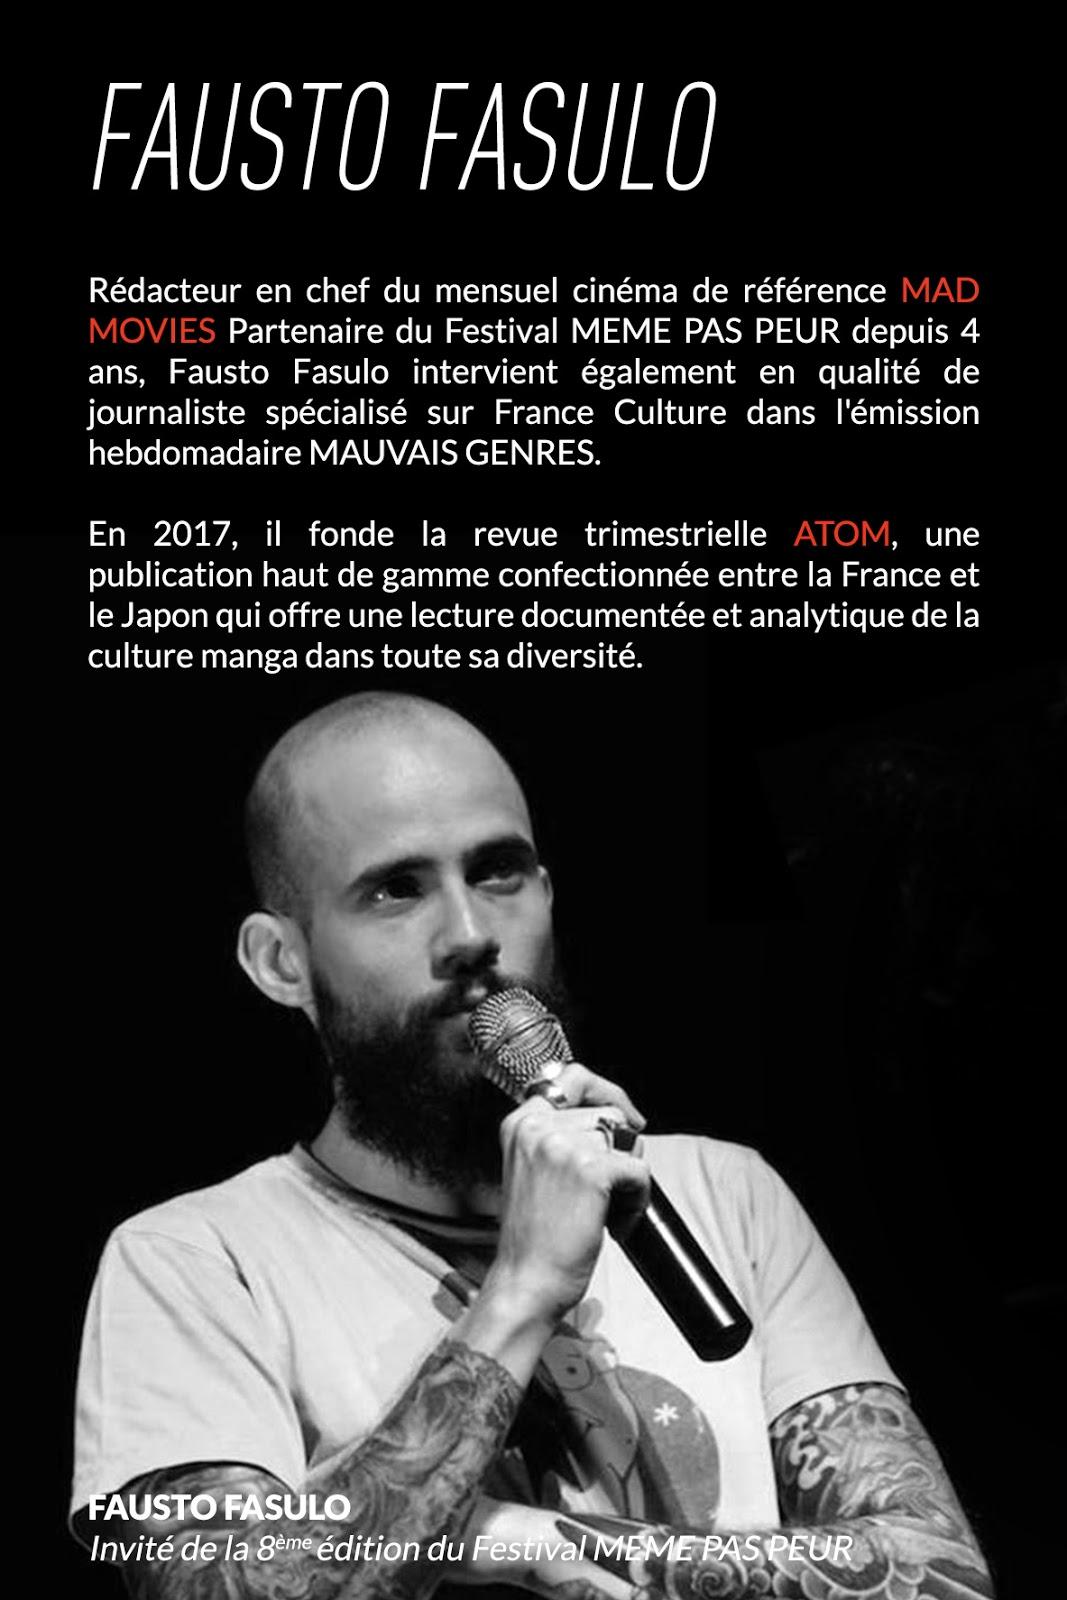 Fausto Fasulo, invité de la 8ème édition du Festival MEME PAS PEUR